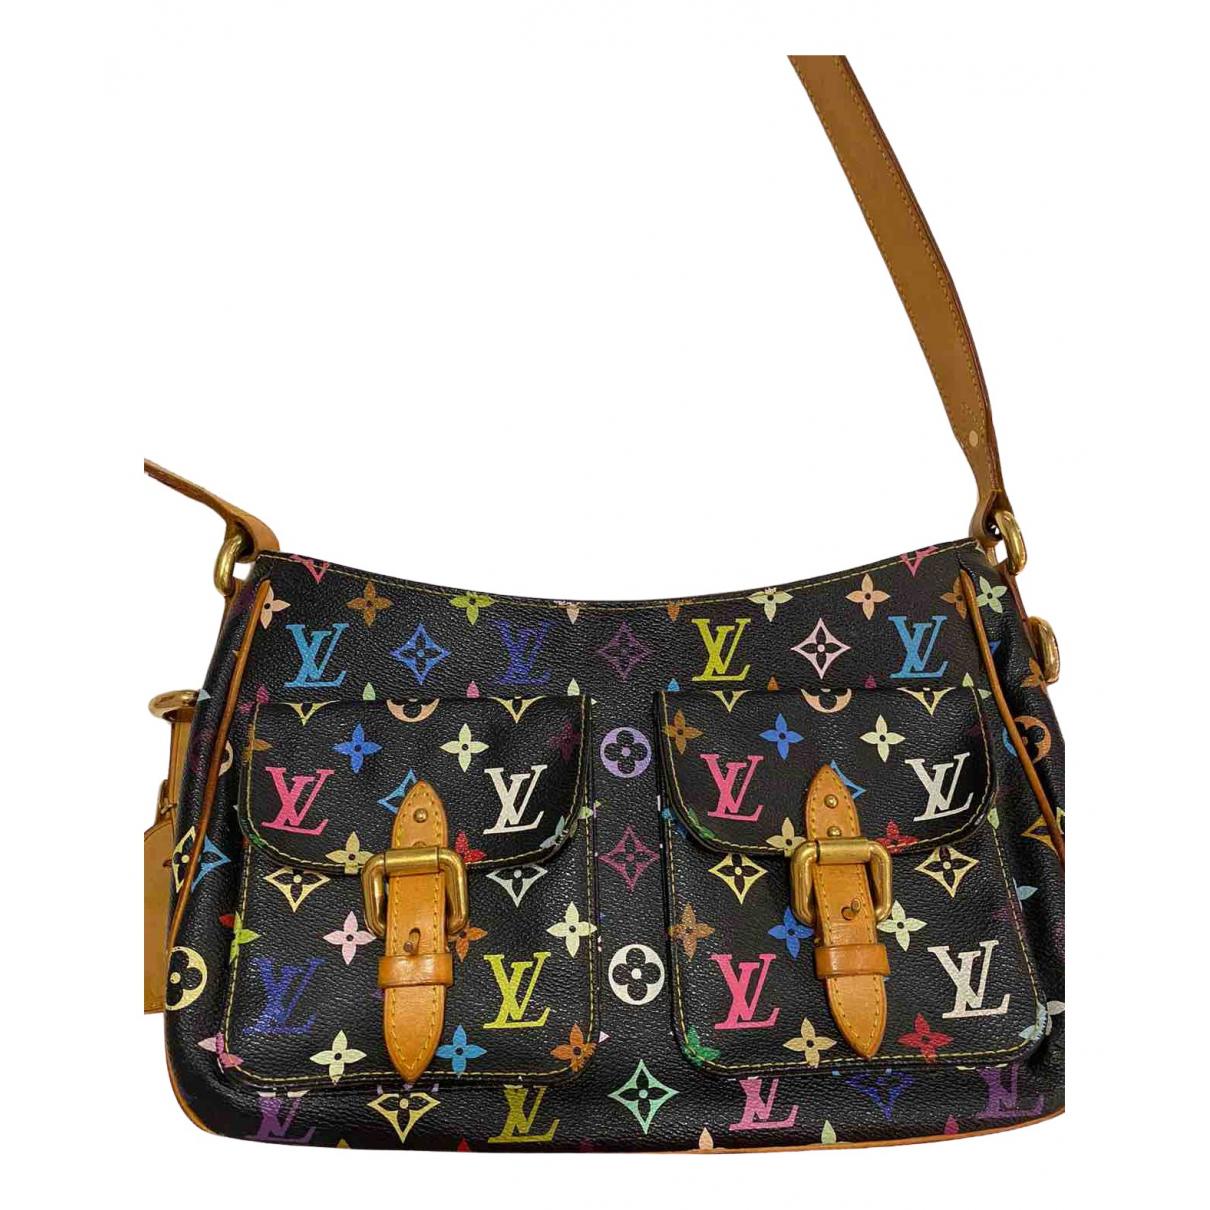 Louis Vuitton \N Handtasche in  Bunt Leinen